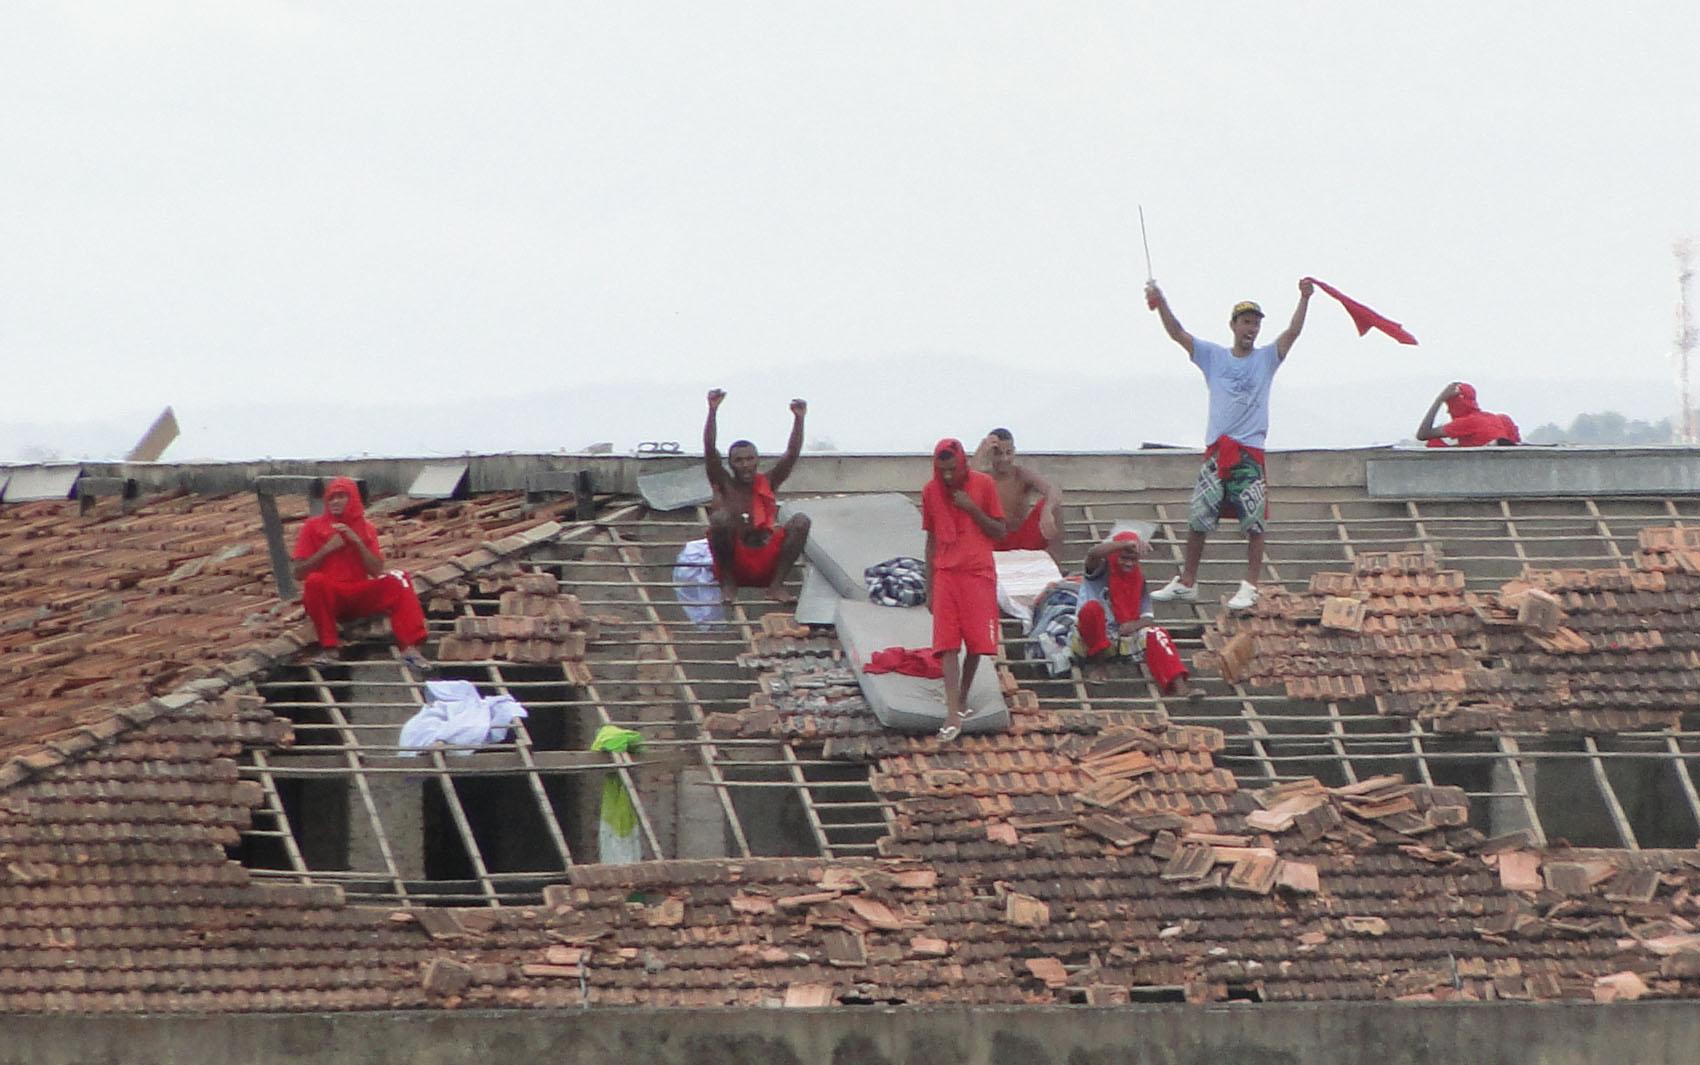 Rebelião continua na tarde desta sexta-feira (22) na Penitenciária Nelson Hungria, em Contagem.